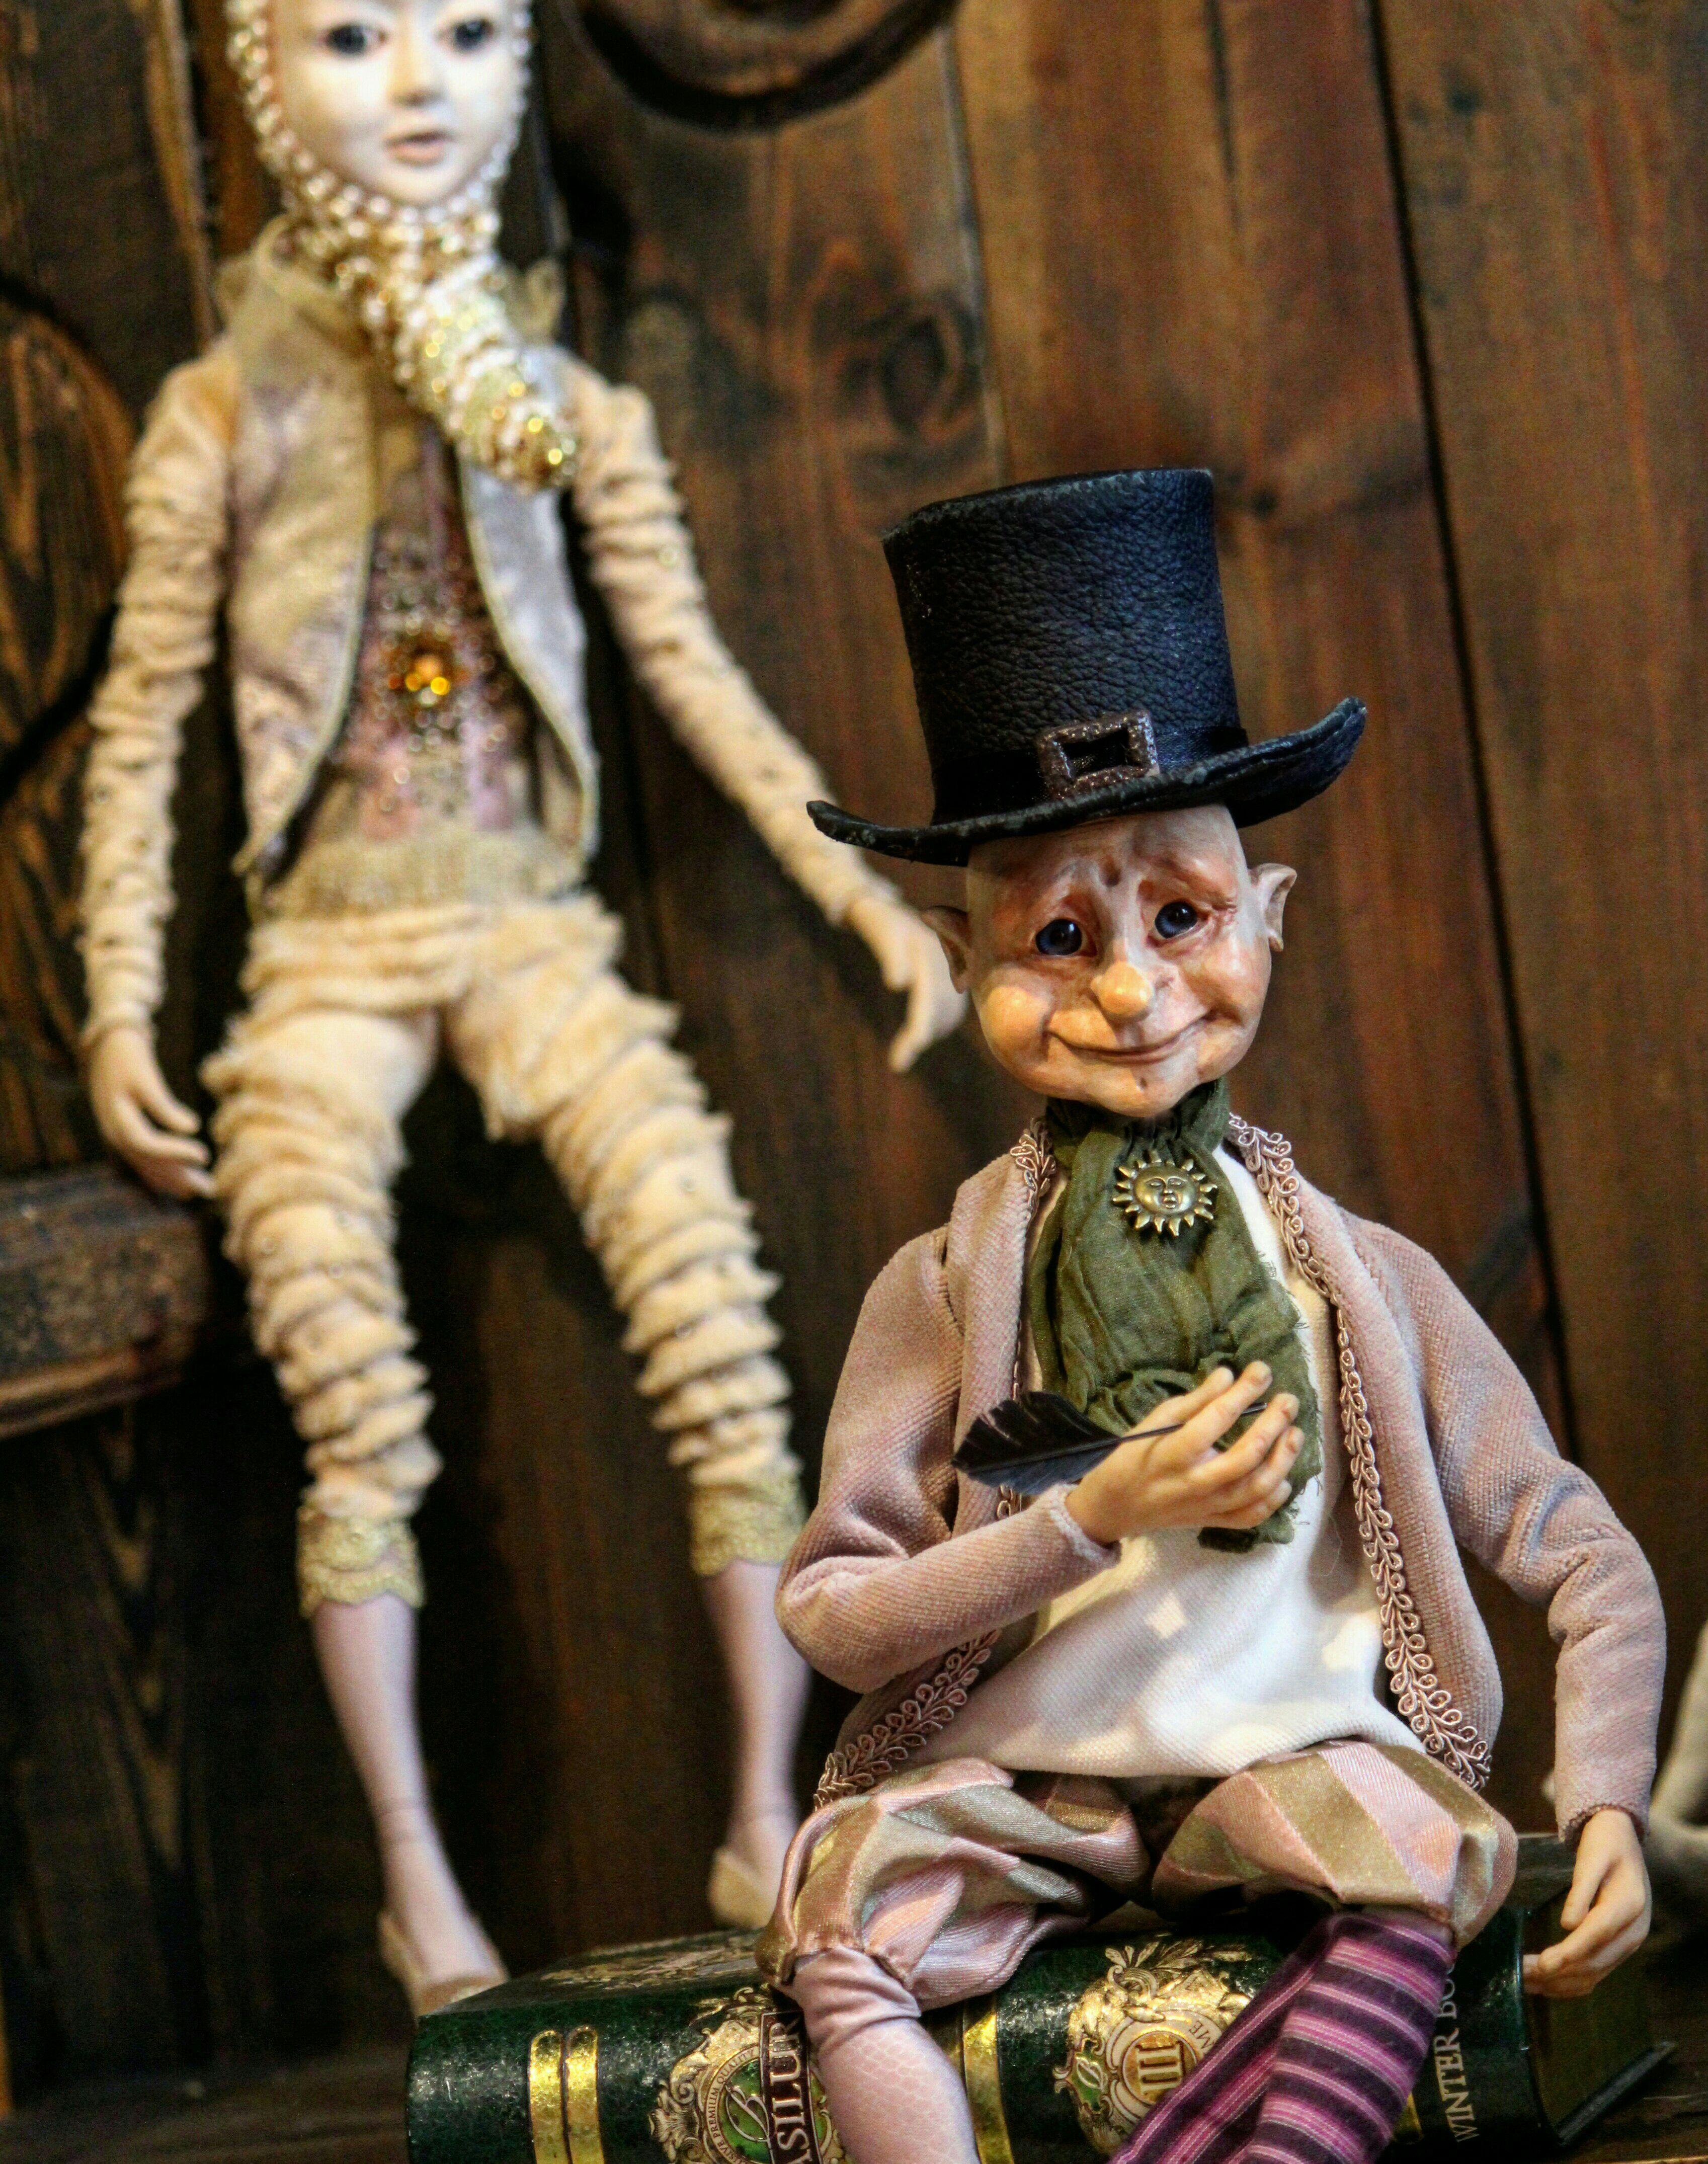 кукластарик авторскаякукла кукласказочник куклавподарок кукла